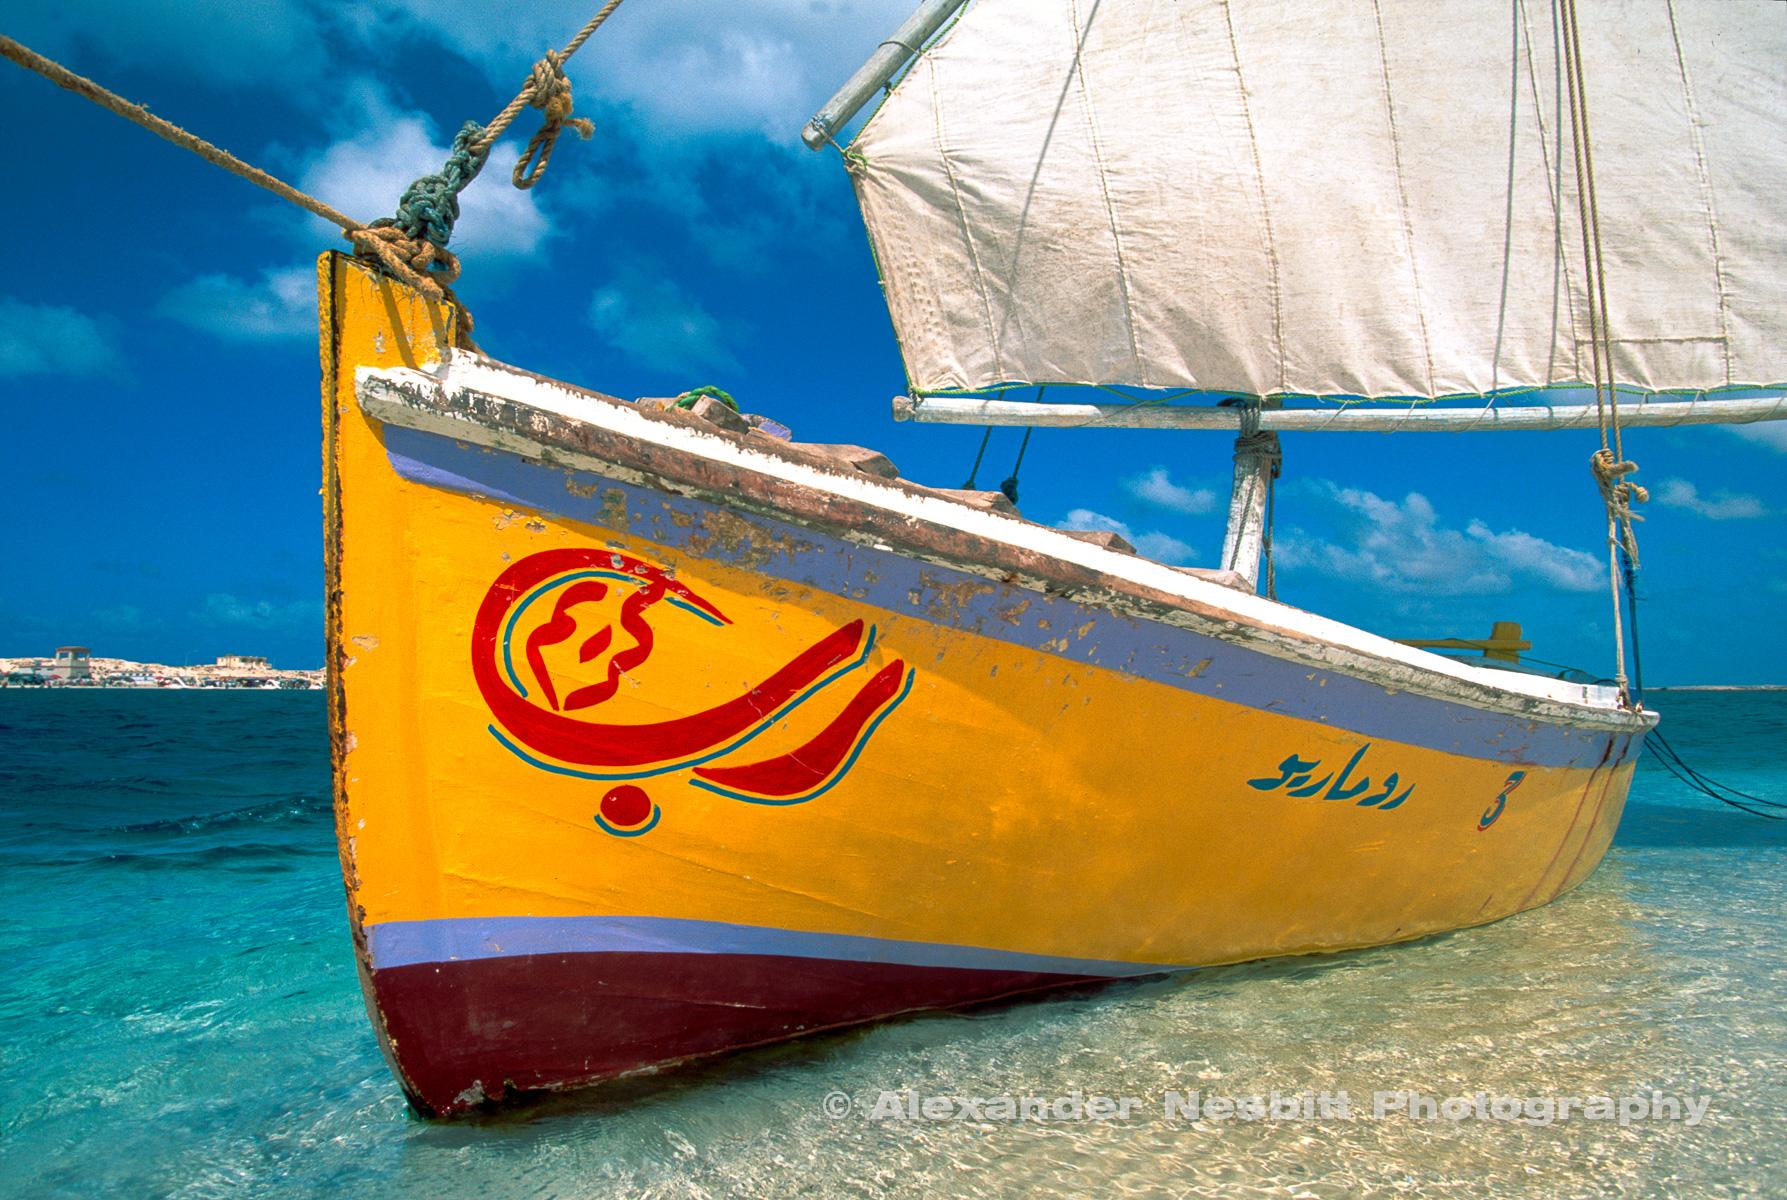 Nesbitt-Boats-Nesbitt-Egypt_Boats_2-06